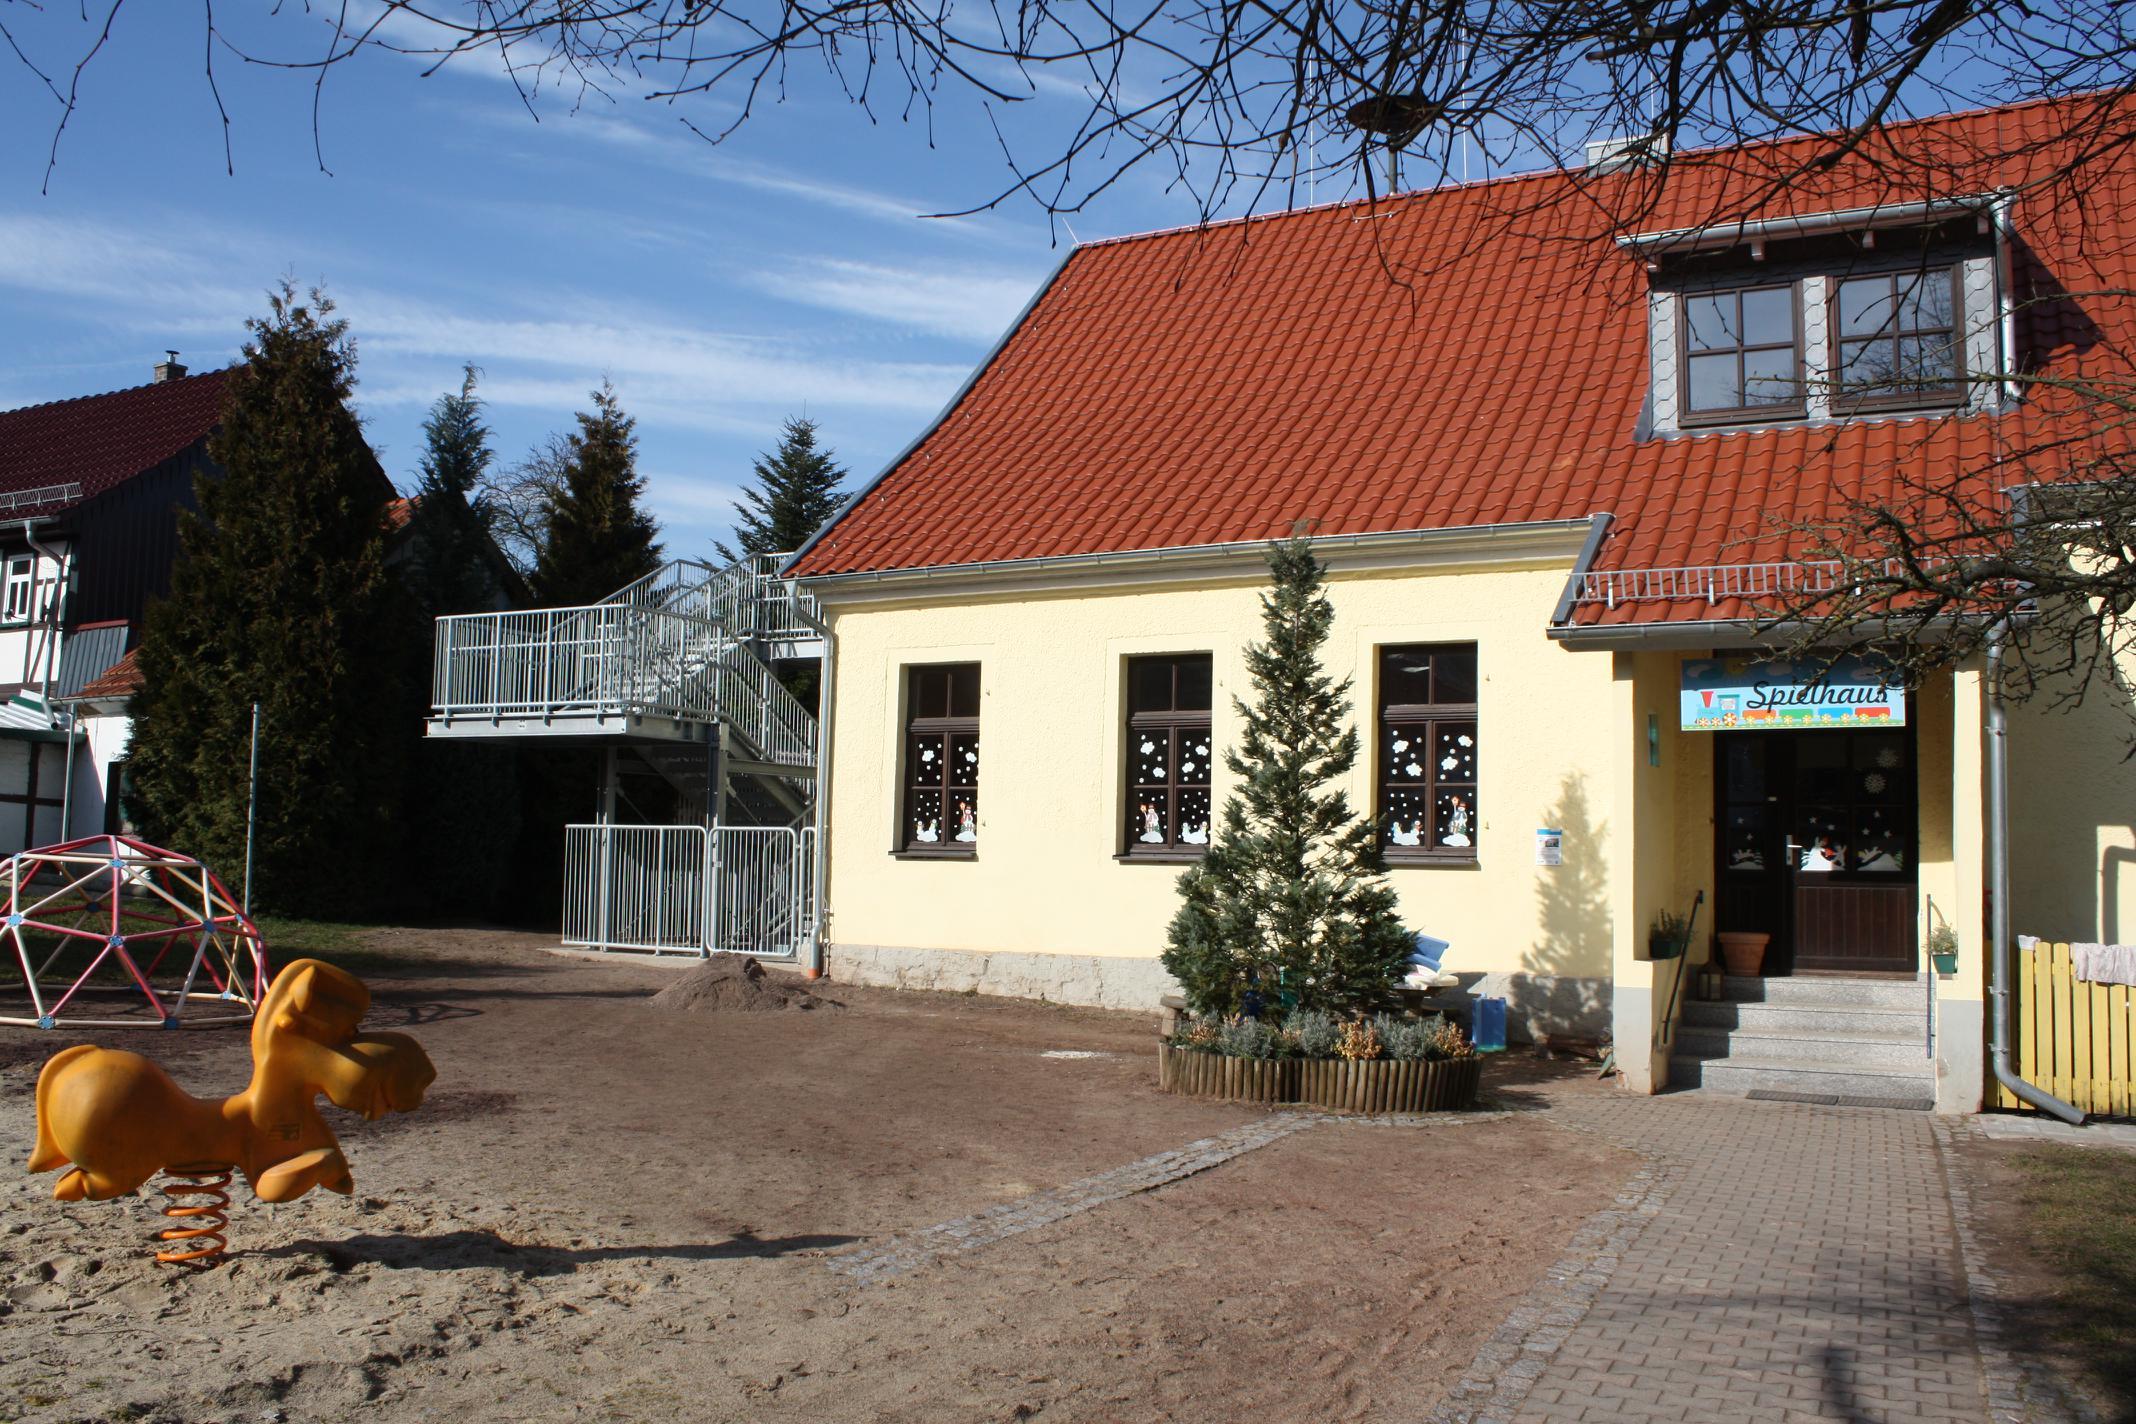 Ausbau der oberen Etage der KITA und Neubau der Außentreppe in der Gemeinde Großlohra, OT Friedrichslohra